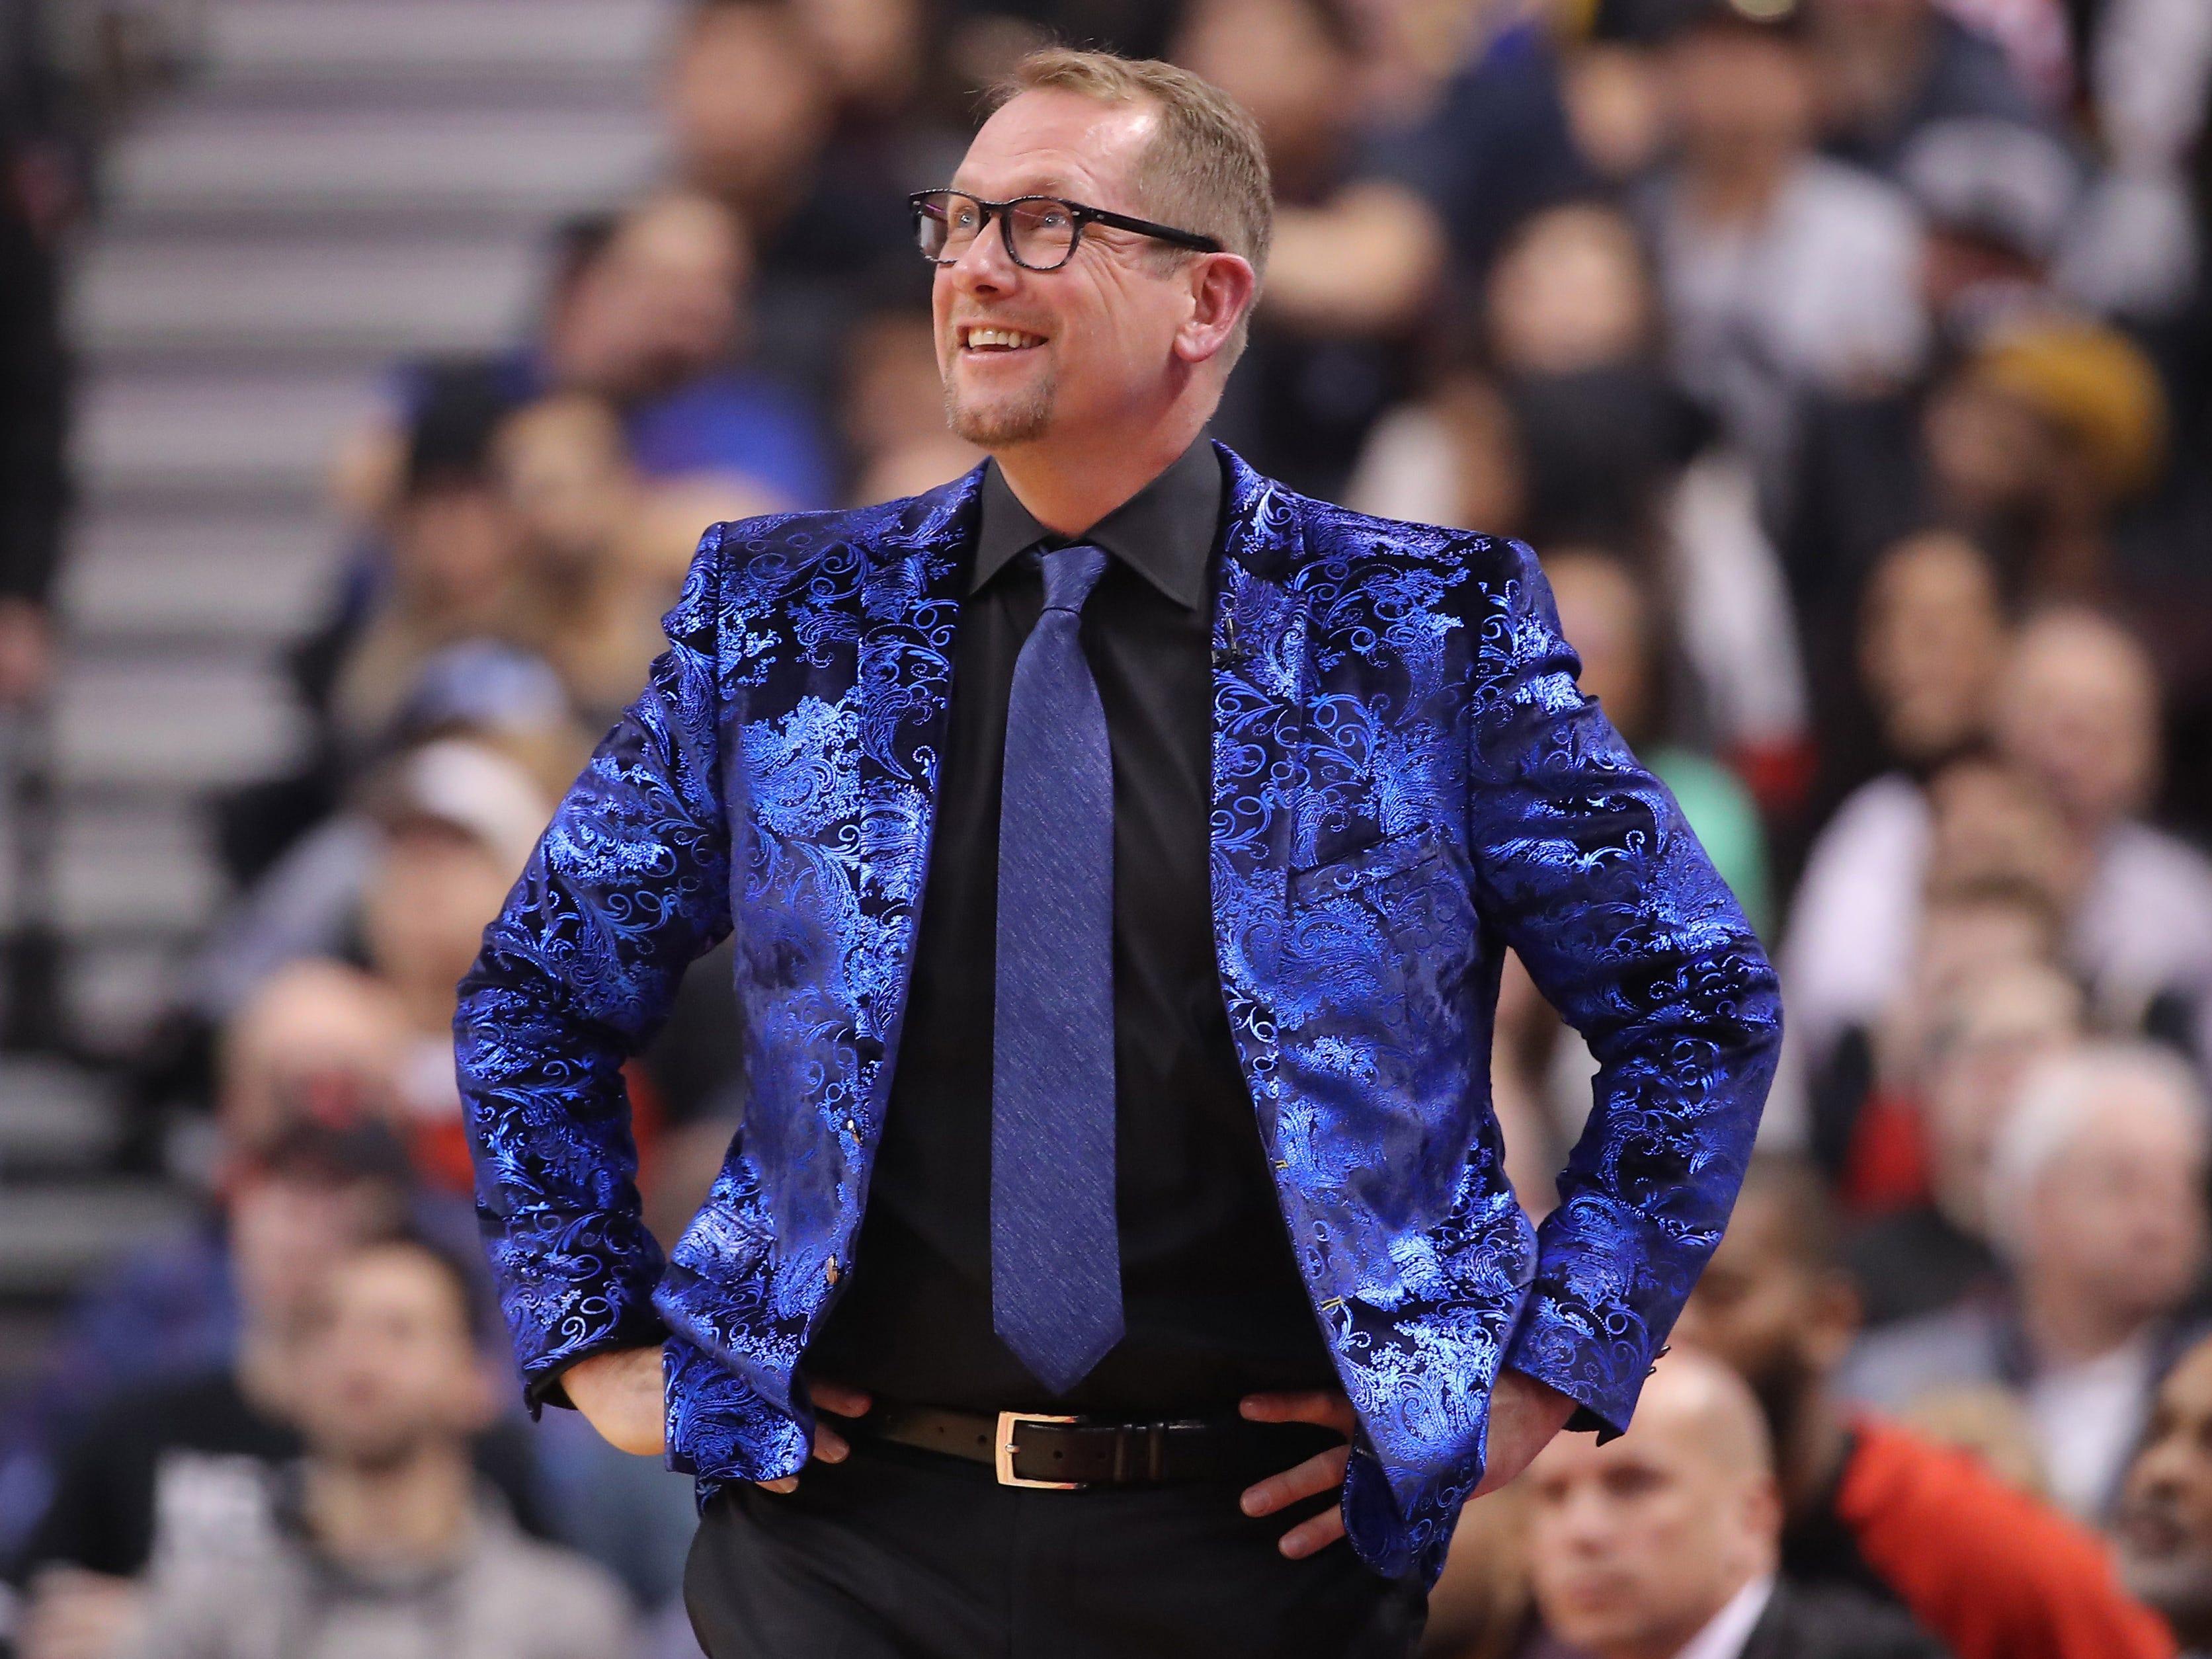 Nov. 29: Toronto Raptors coach Nick Nurse